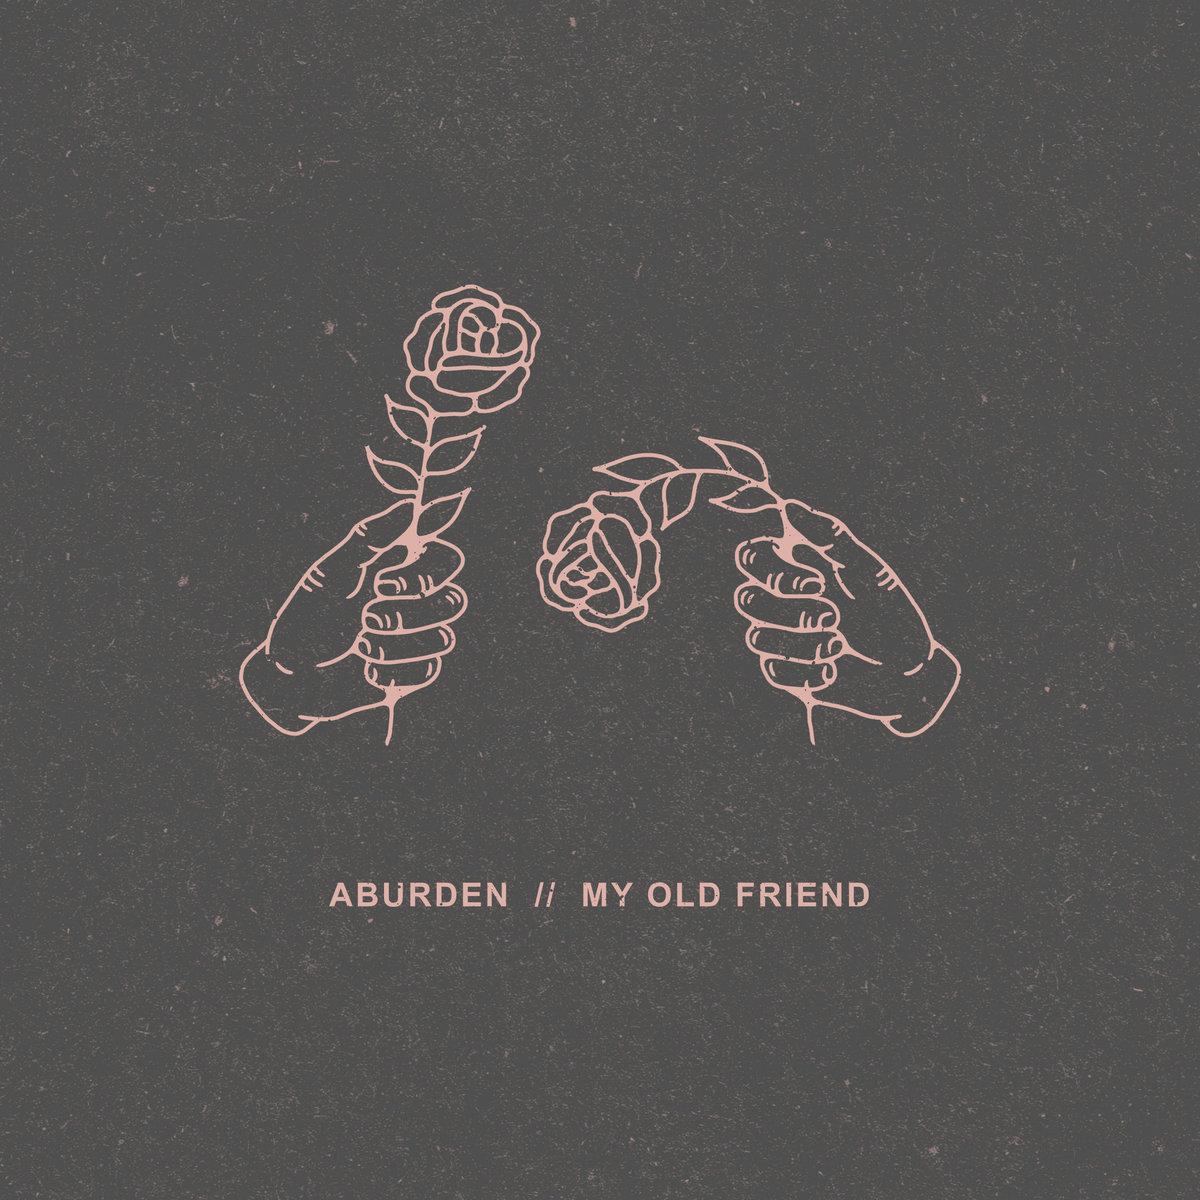 Aburden - My Old Friend [EP] (2017)